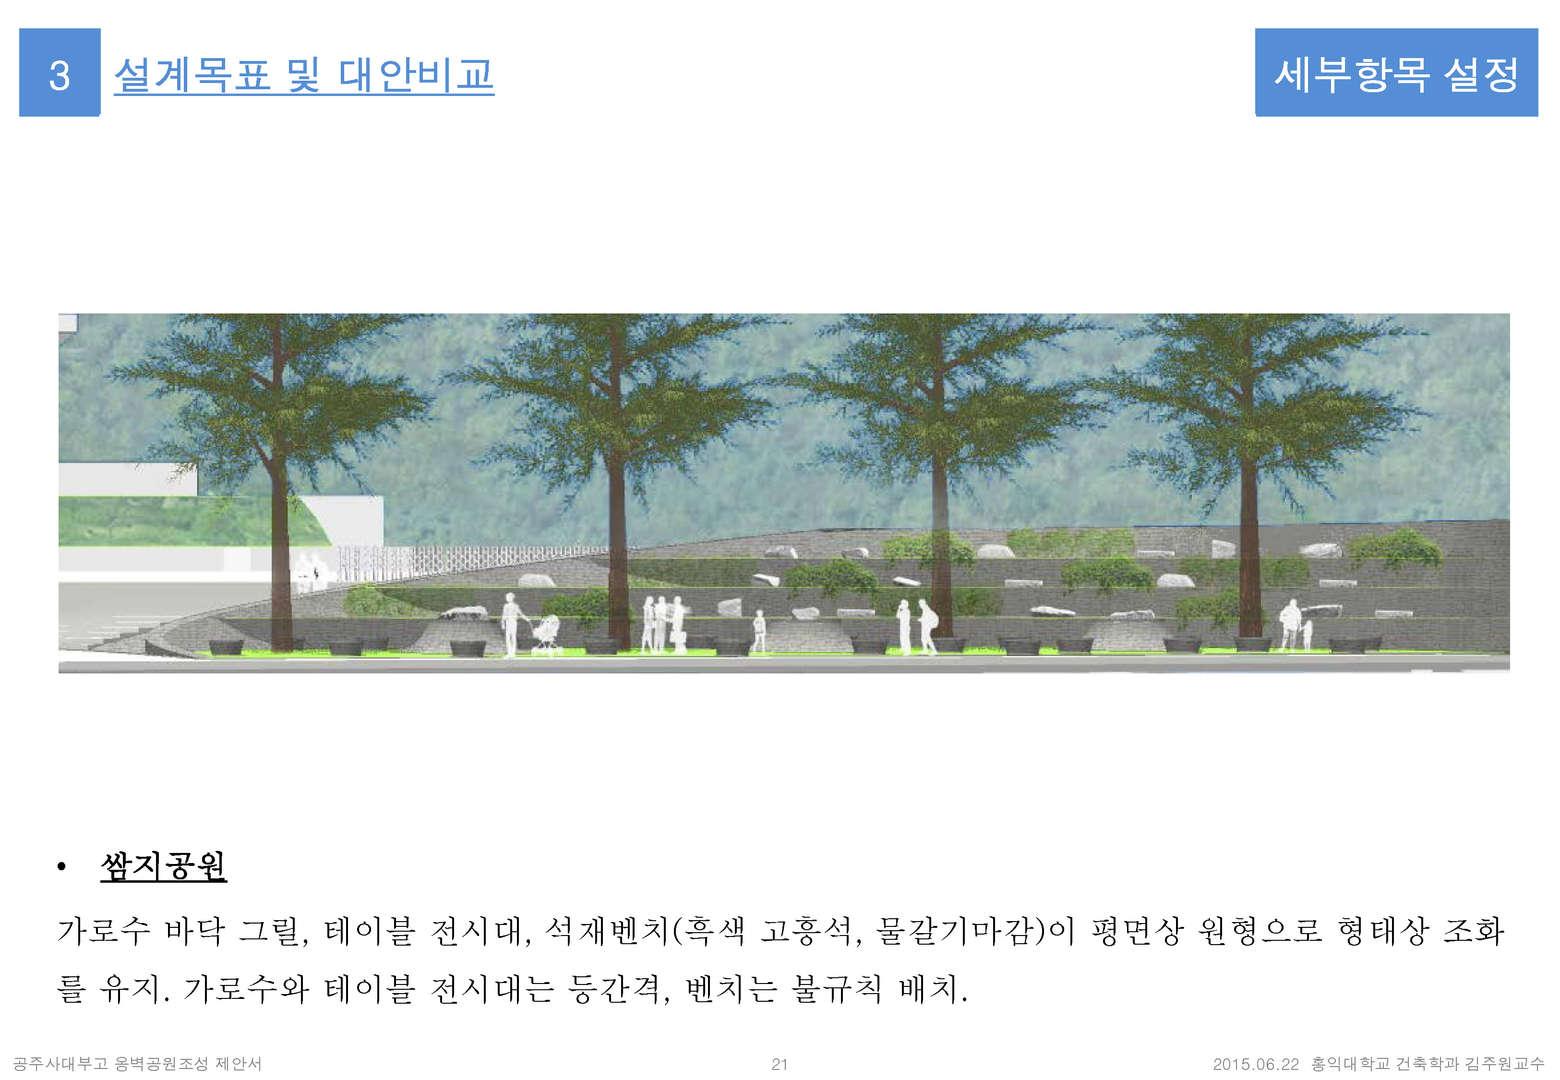 공주사대부고옹벽공원조성제안서4_페이지_21.jpg